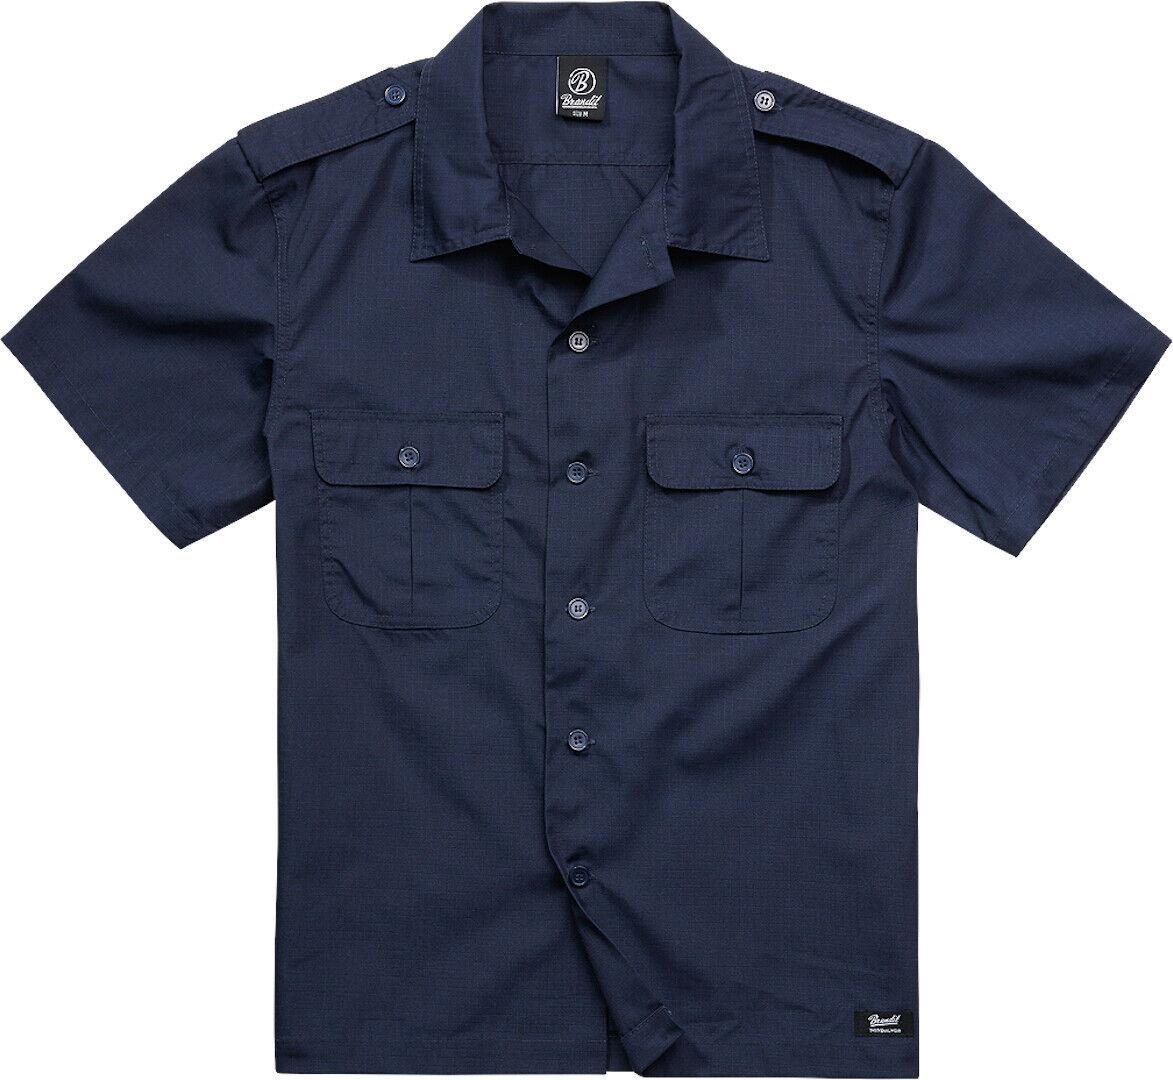 Brandit US Ripstop Paita  - Sininen - Size: 5XL